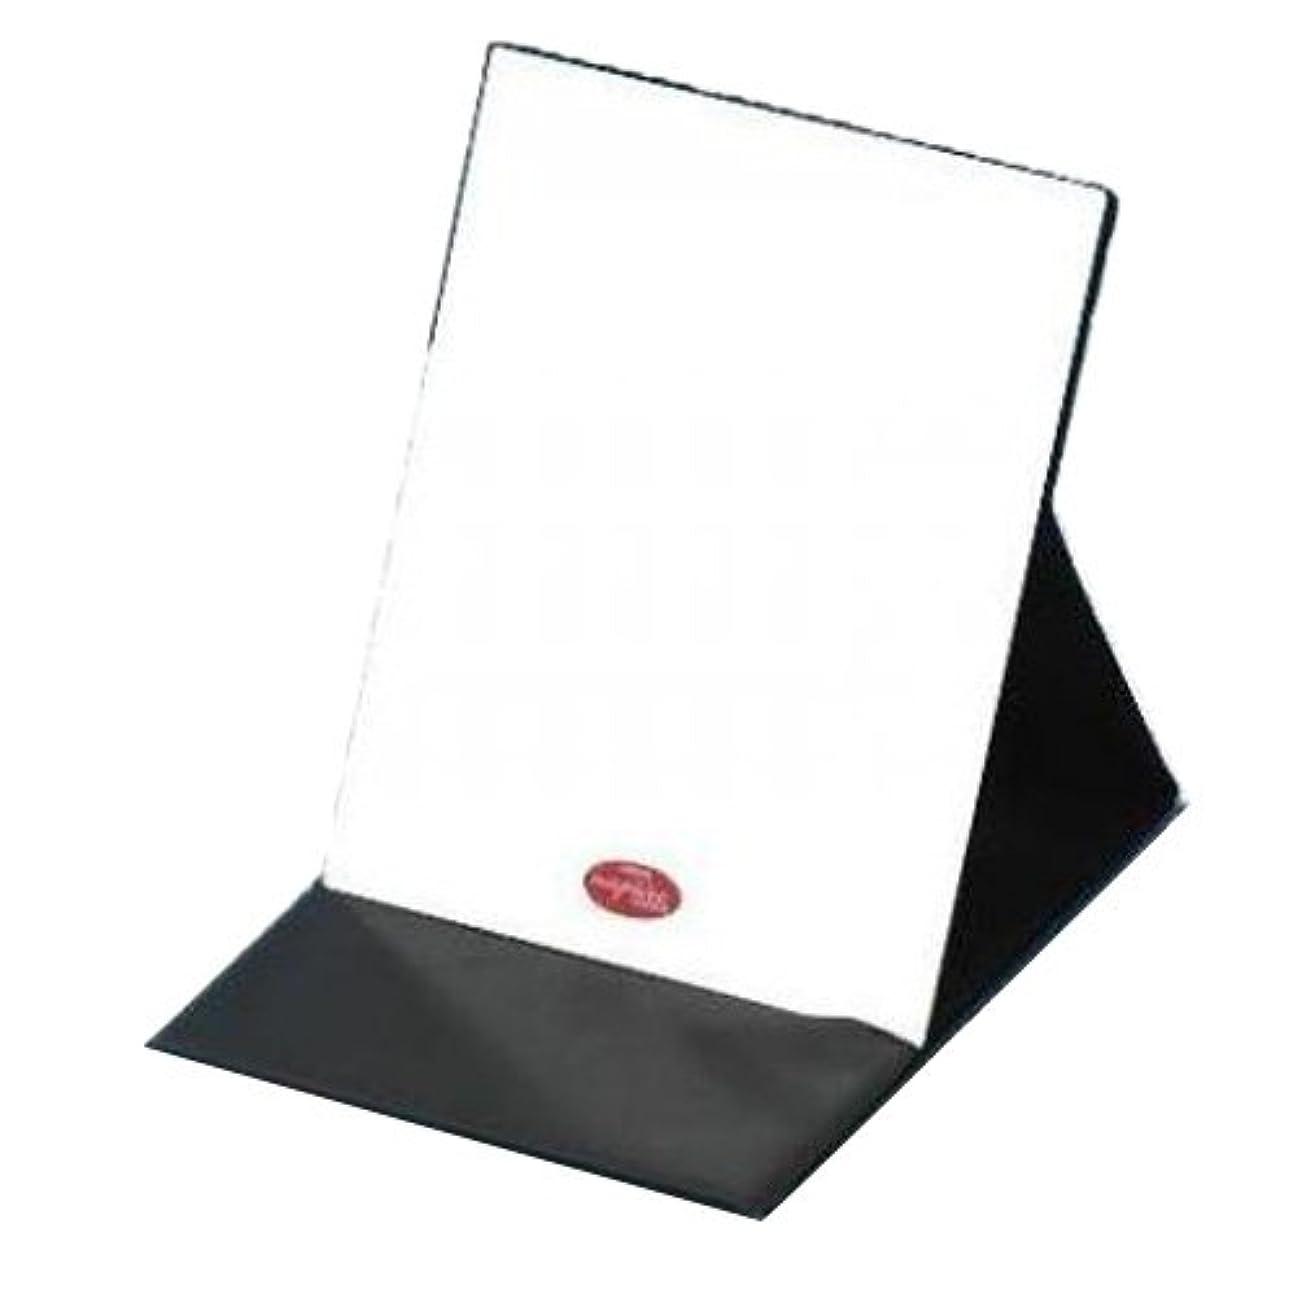 多様な障害者申し立てられたHP-43 ナピュア プロモデル拡大鏡付き折立ミラー(L)